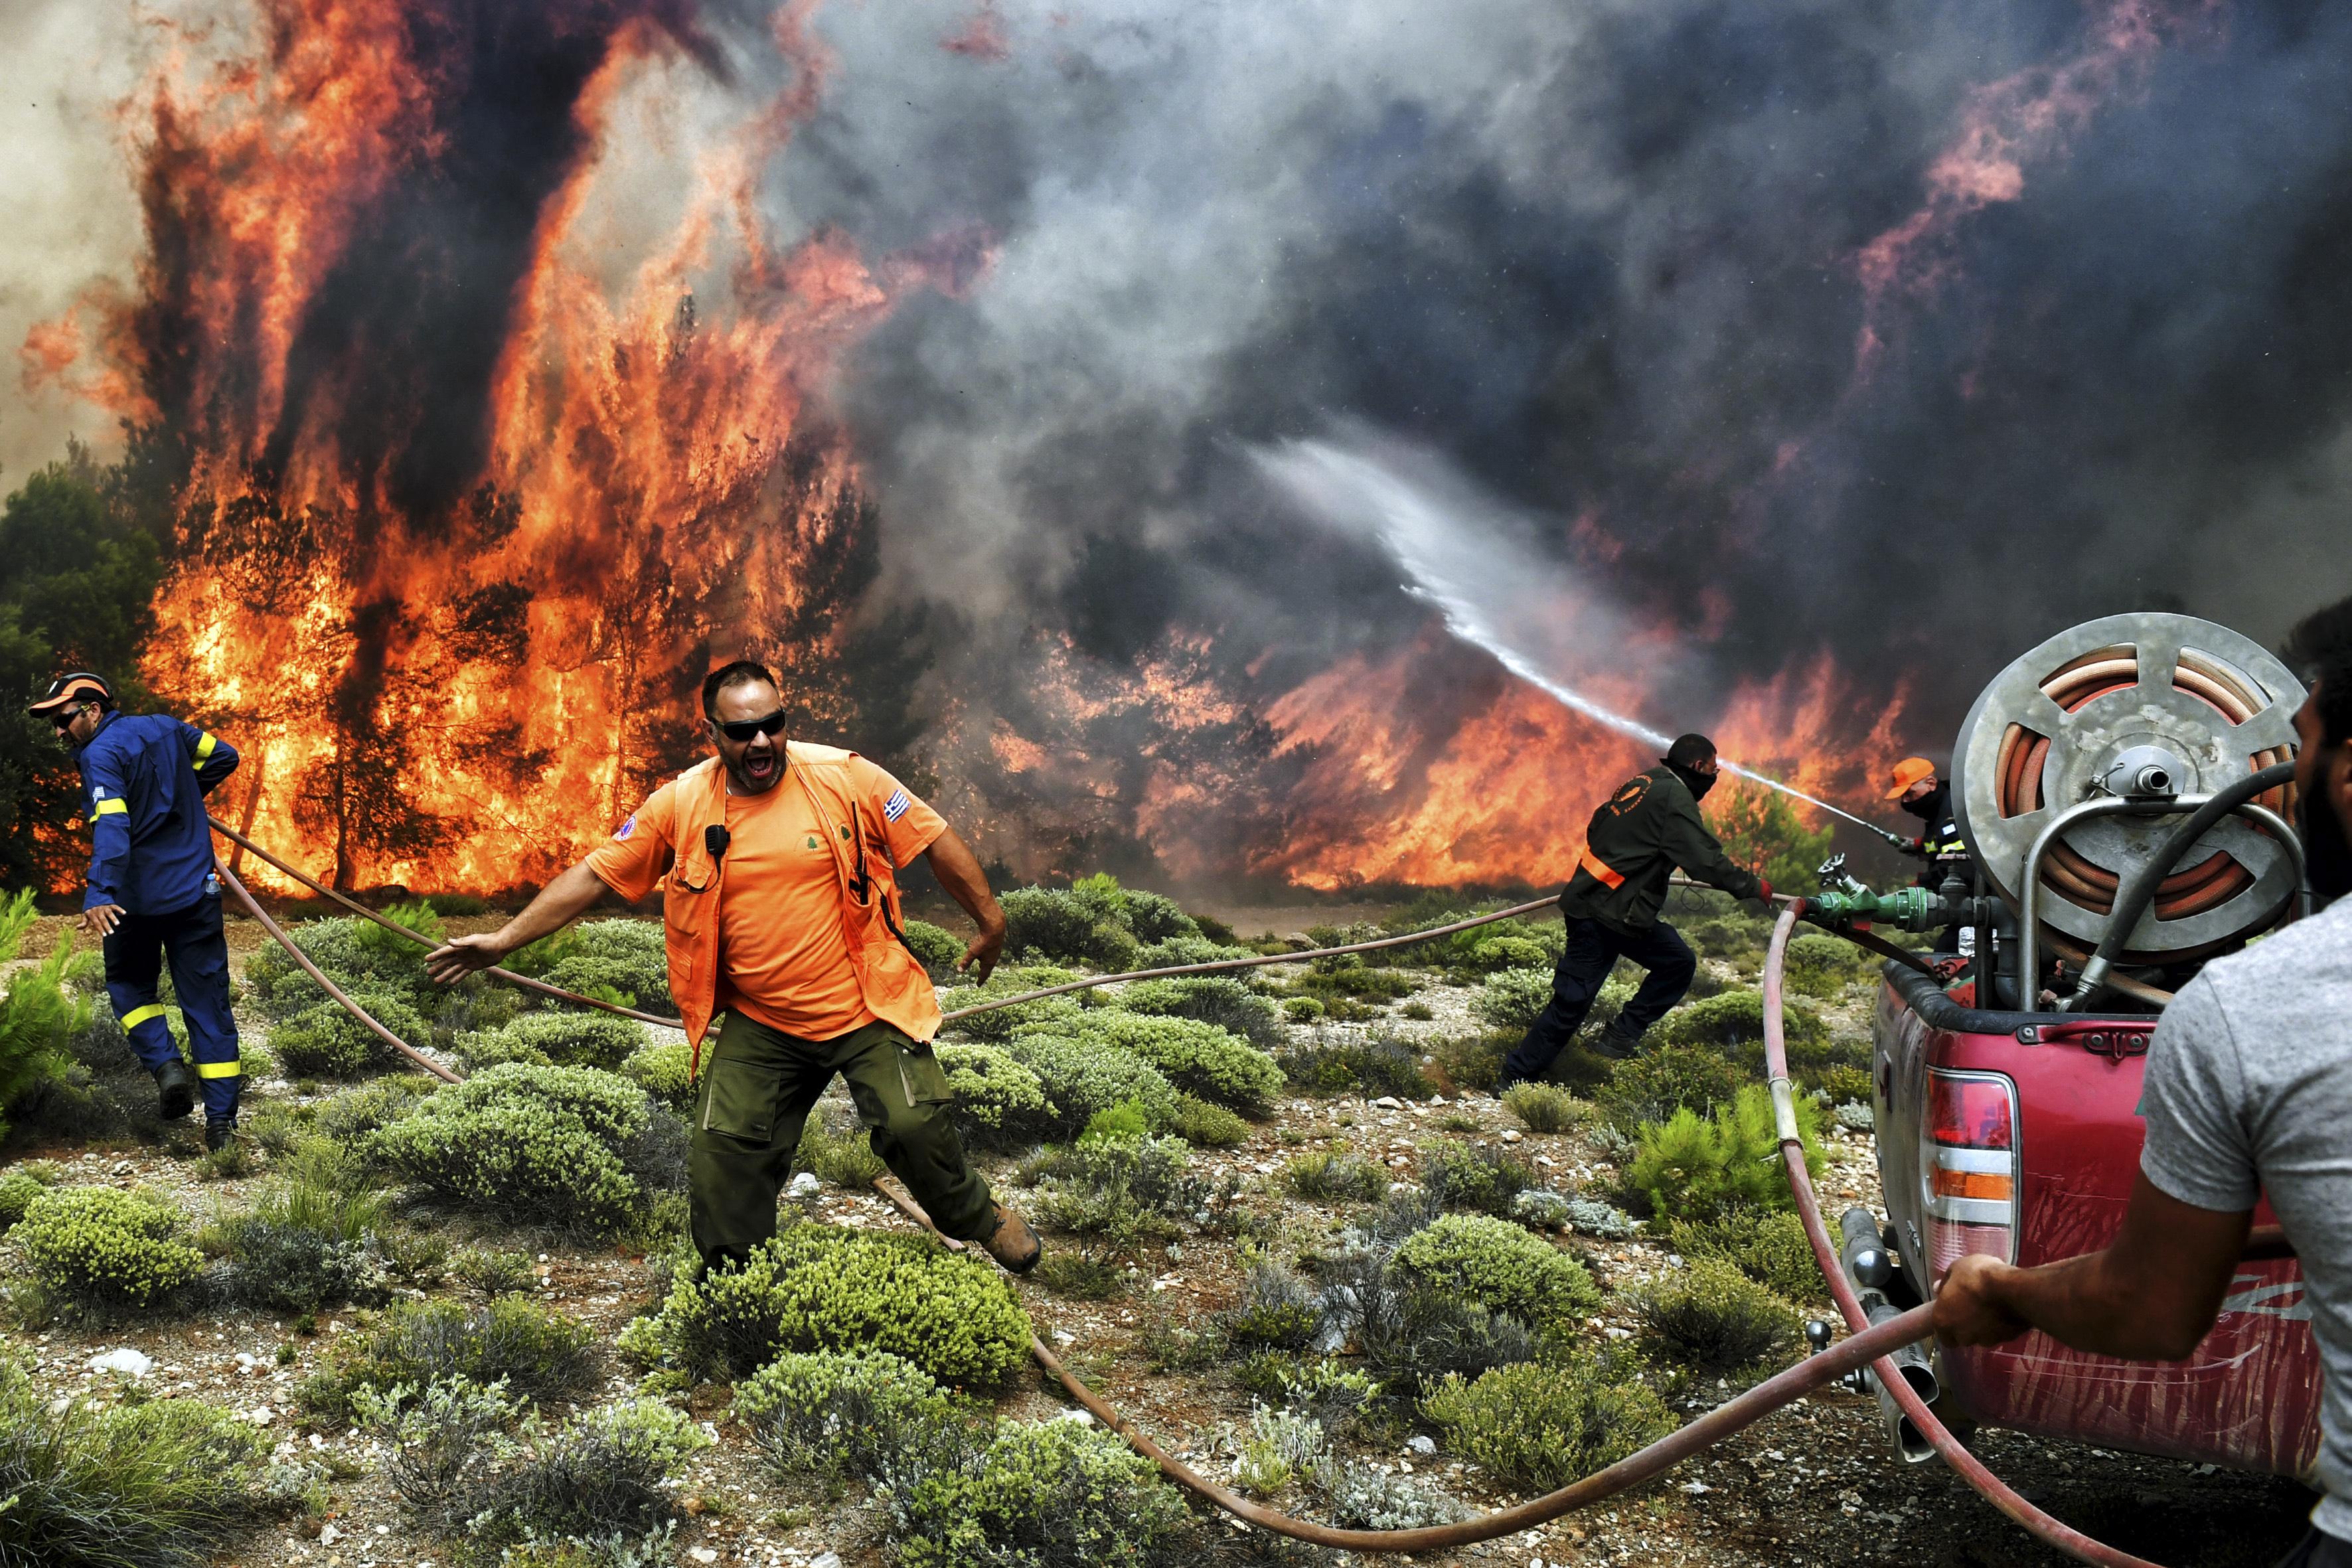 A görög kormányfő vállalja a politikai felelősséget az erdőtüzekért